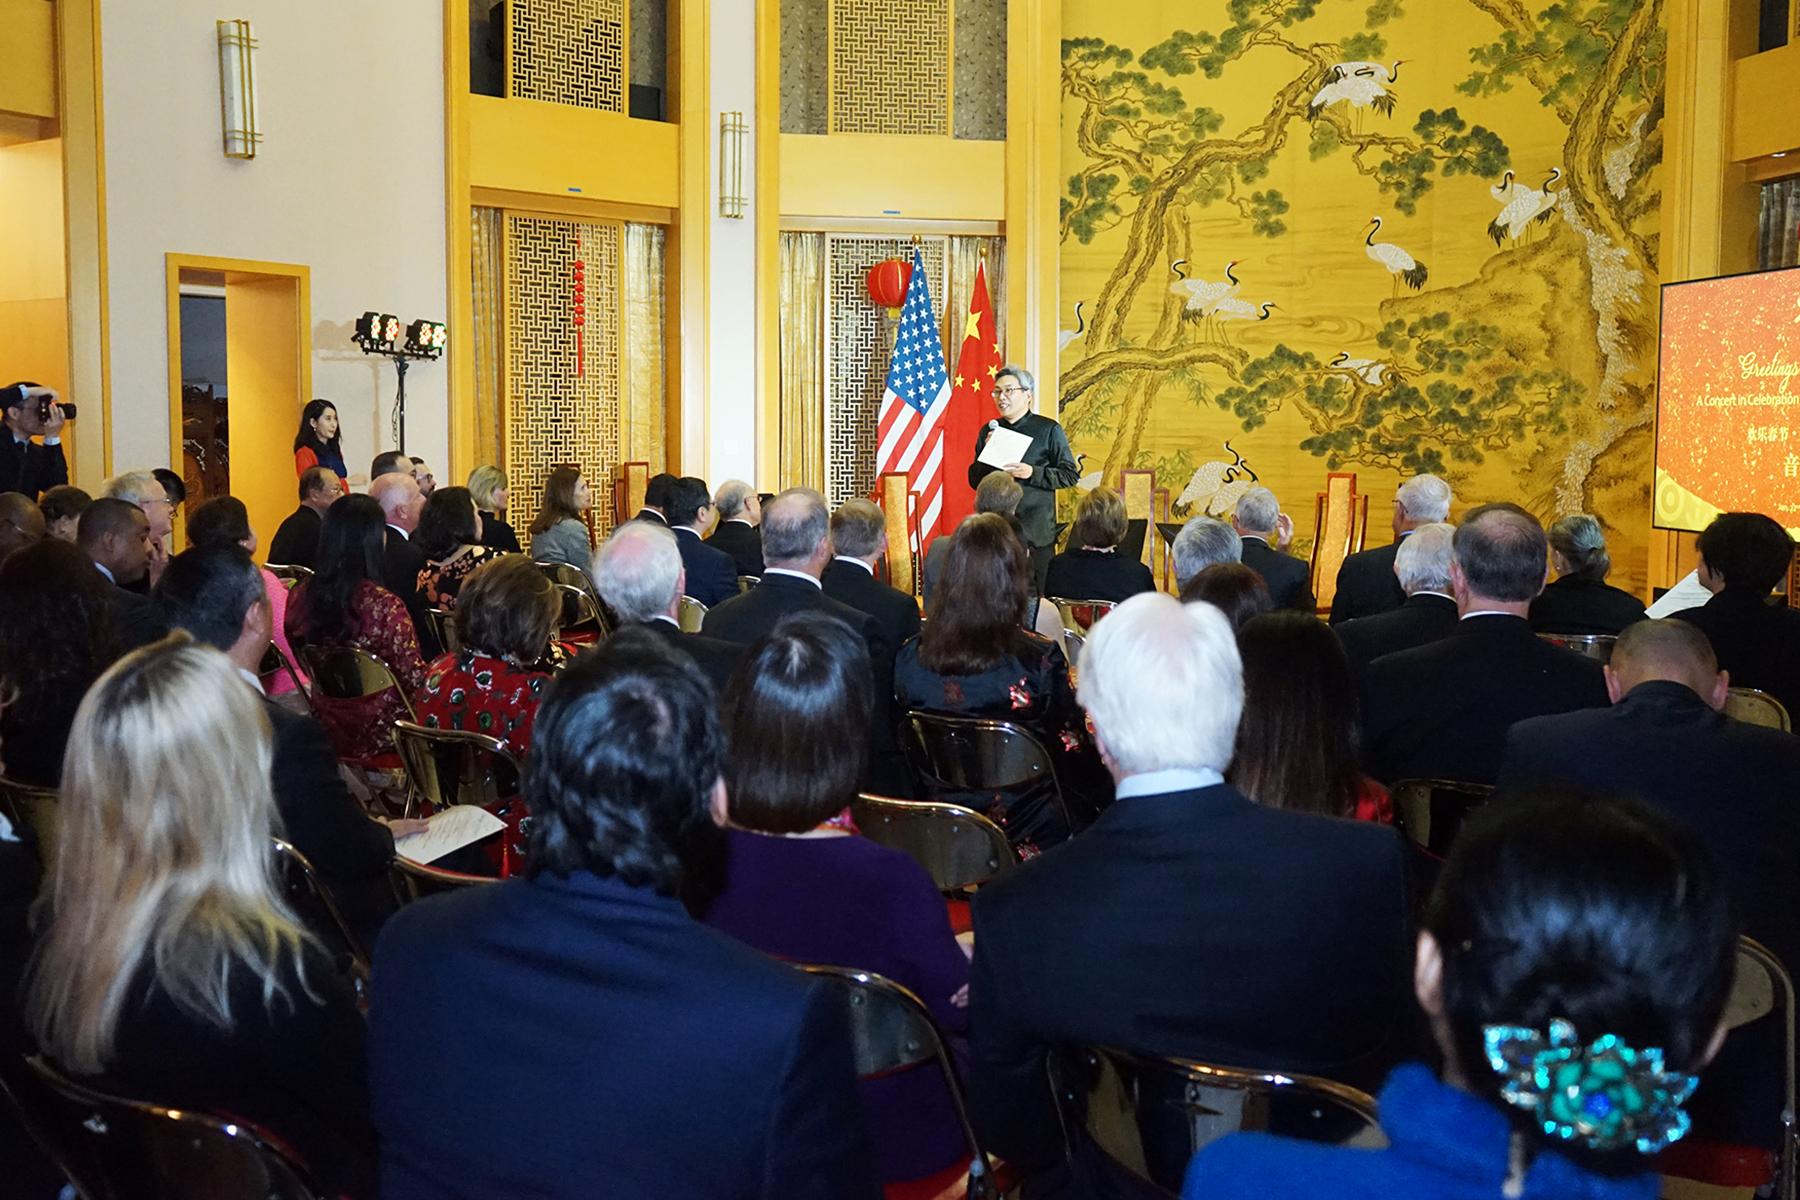 中國駐休士頓總領事蔡偉(站立者)向來賓表示新春問候。(記者賈忠/攝影)